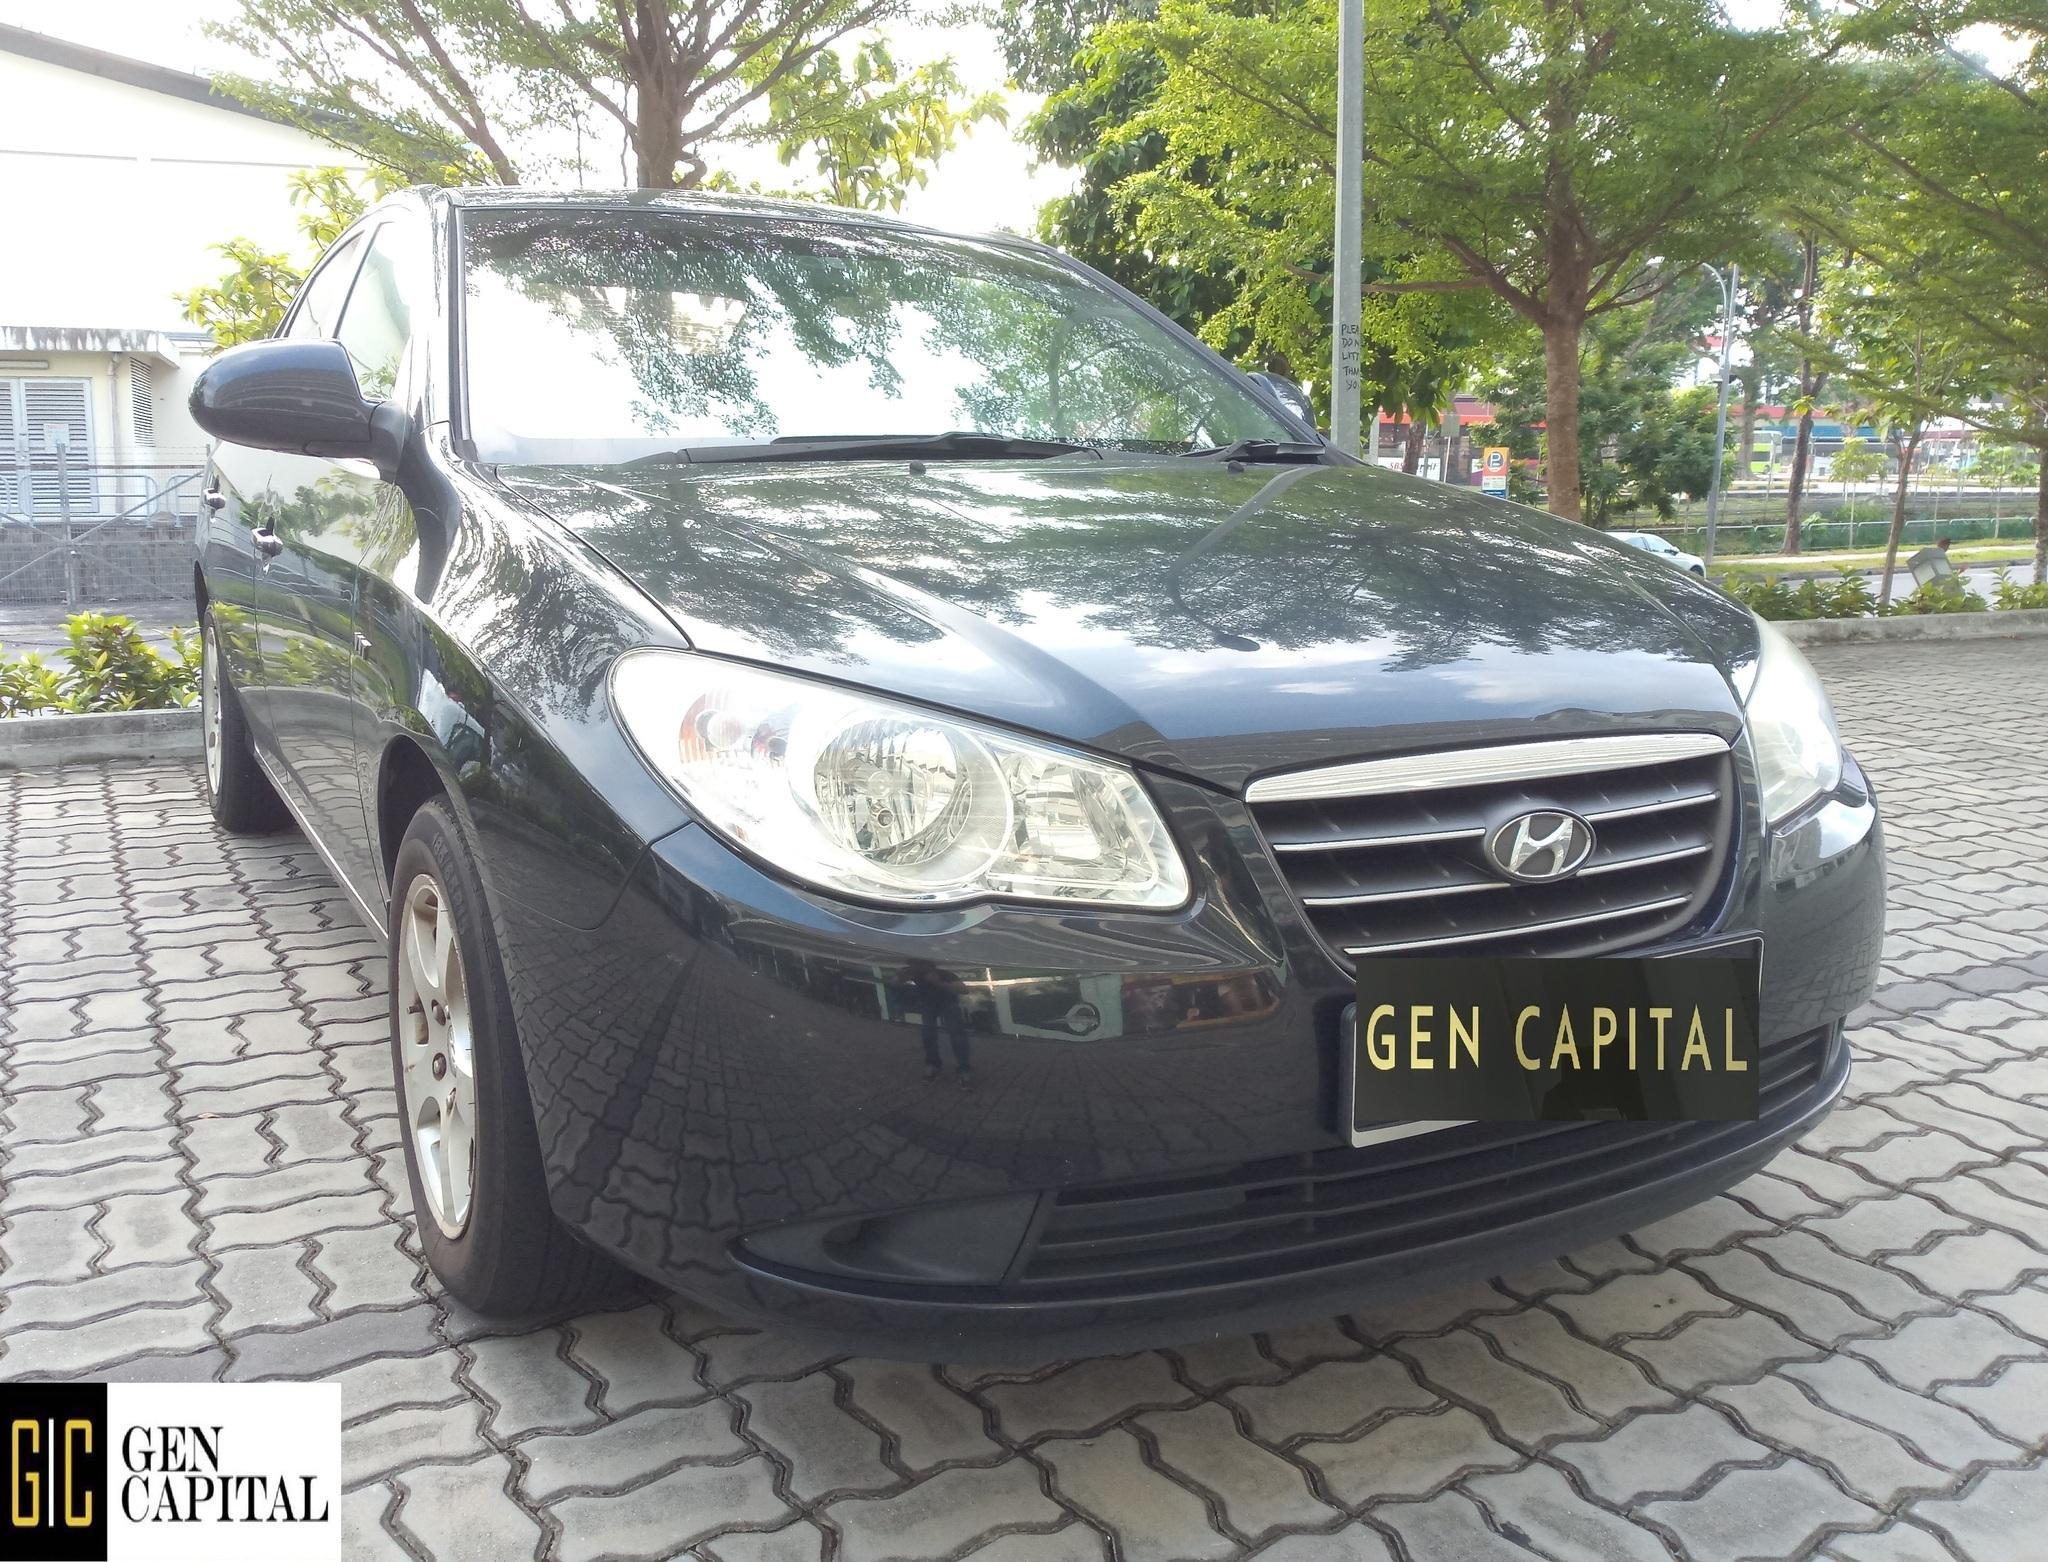 Hyundai Avante 1.6A Economical Car for Personal/PHV Usage